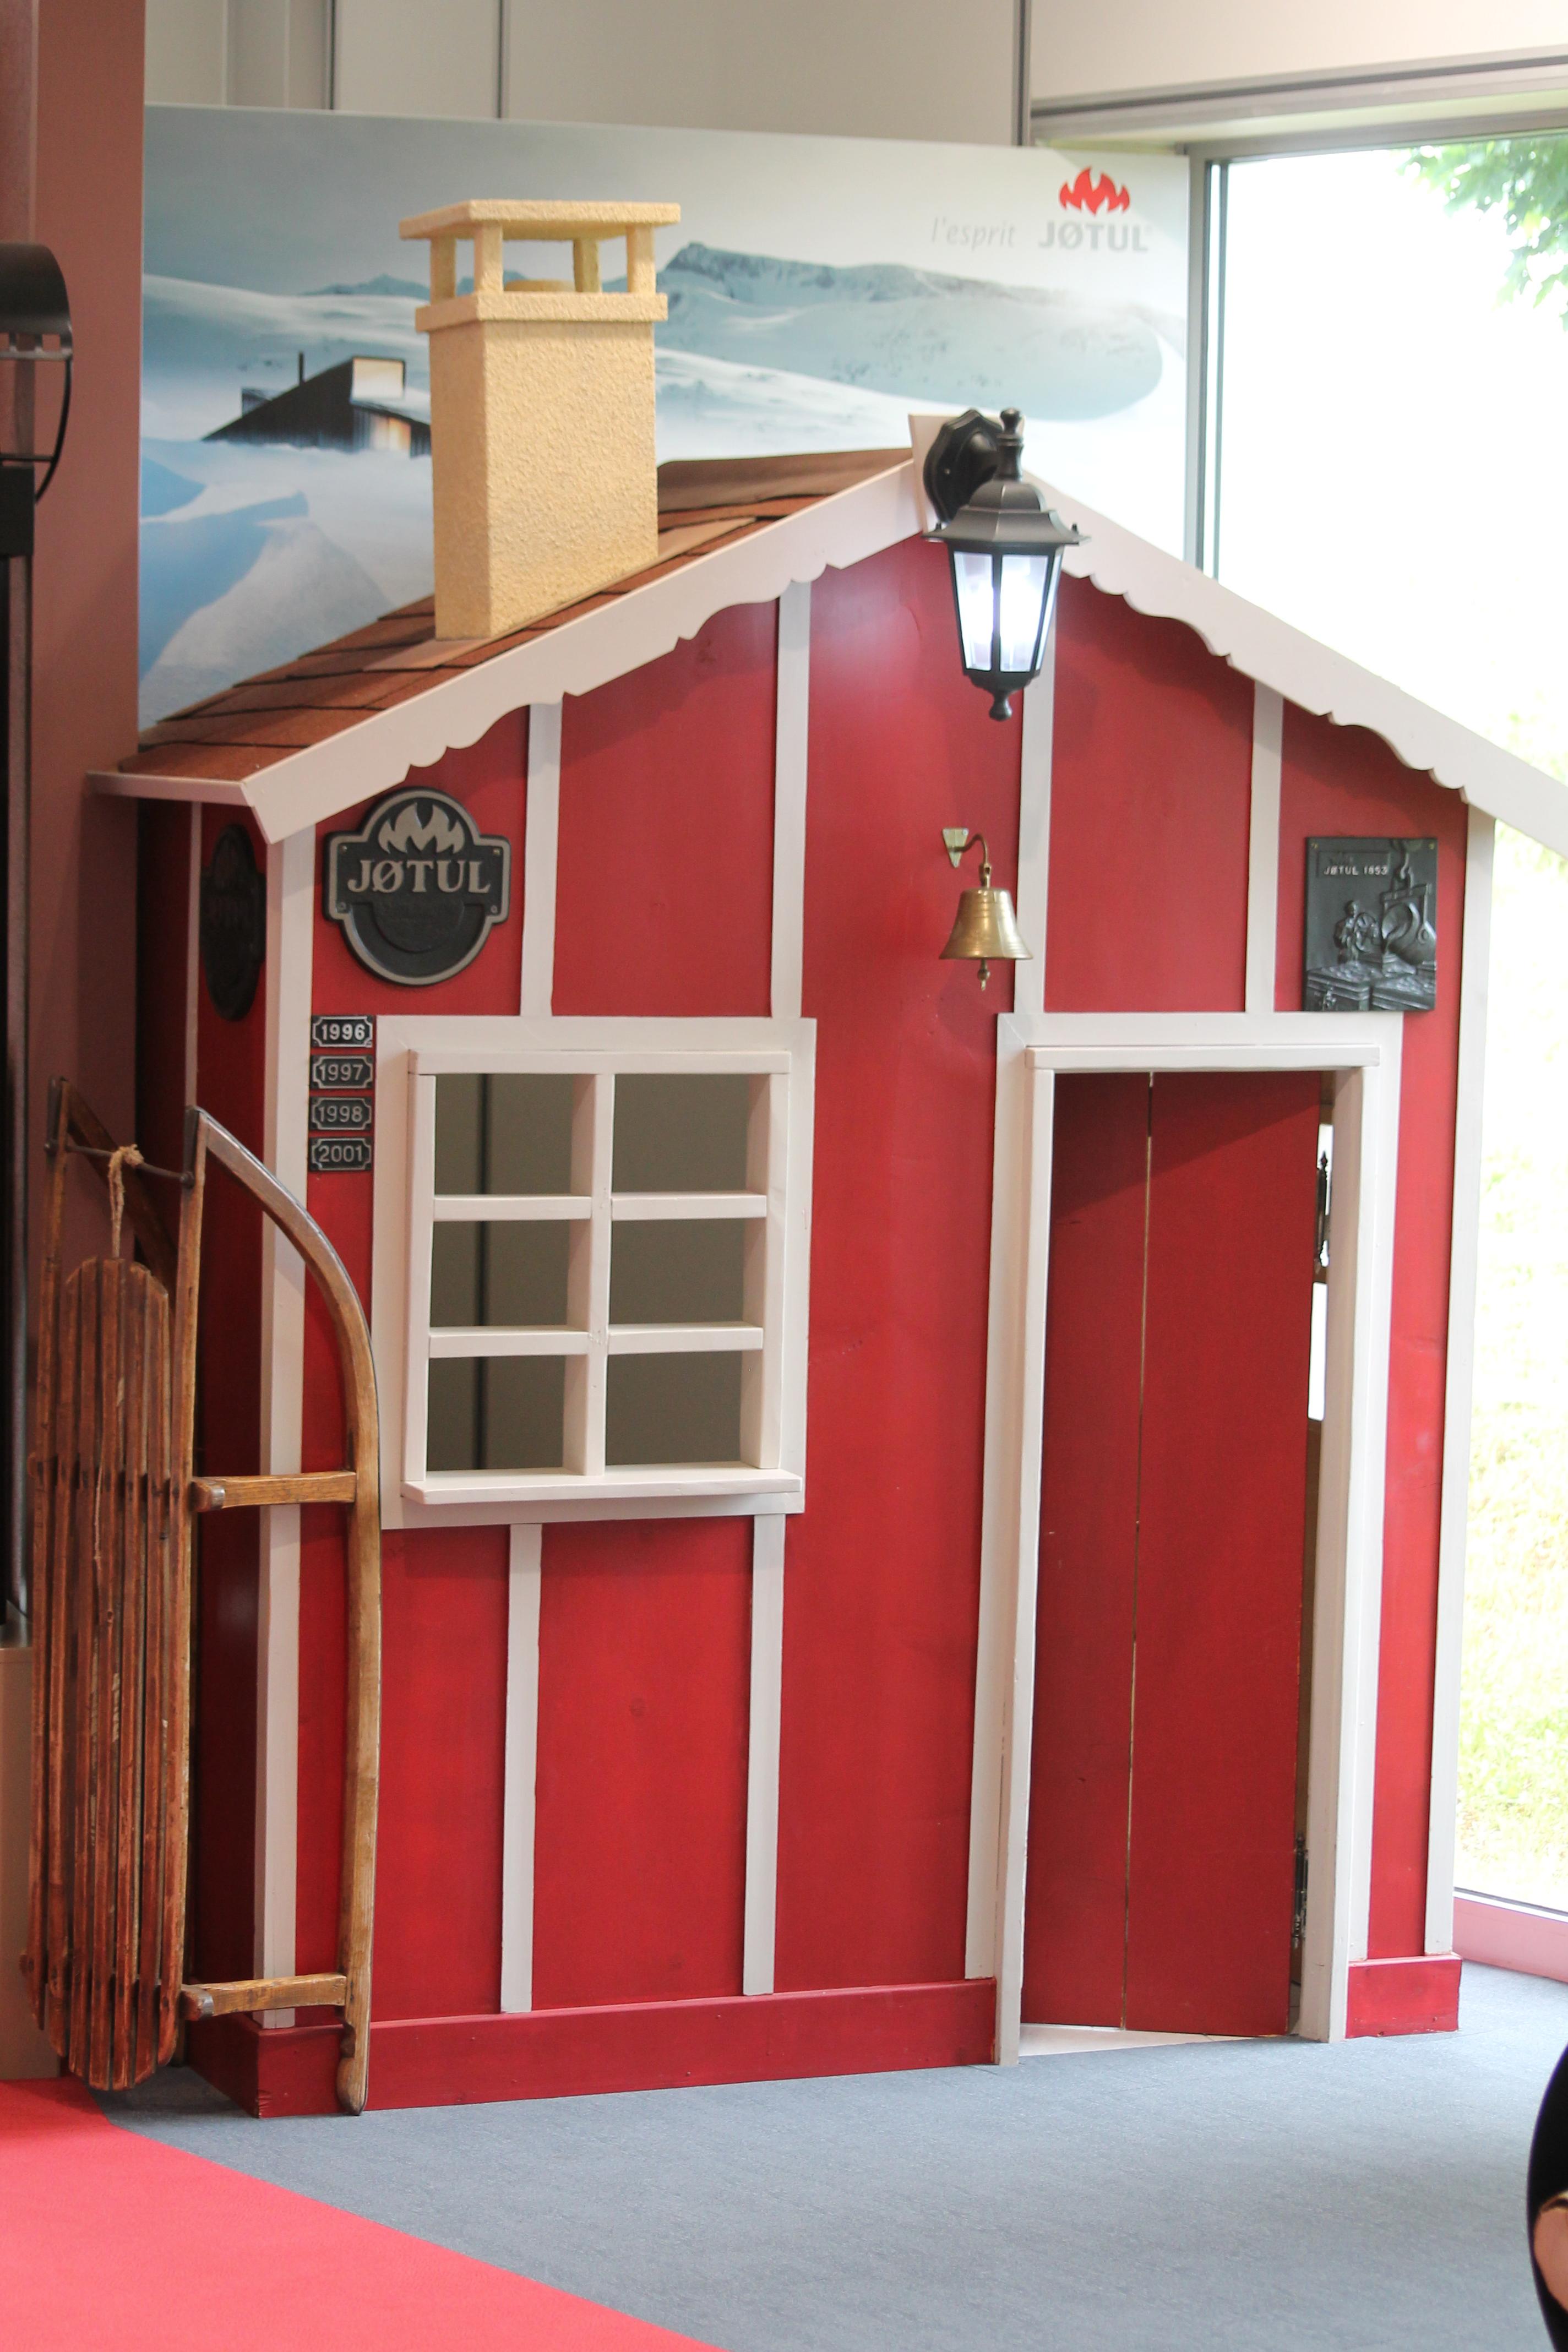 Showroom Jotul Dijon en Bourgogne, Maison scandinave pour les enfants